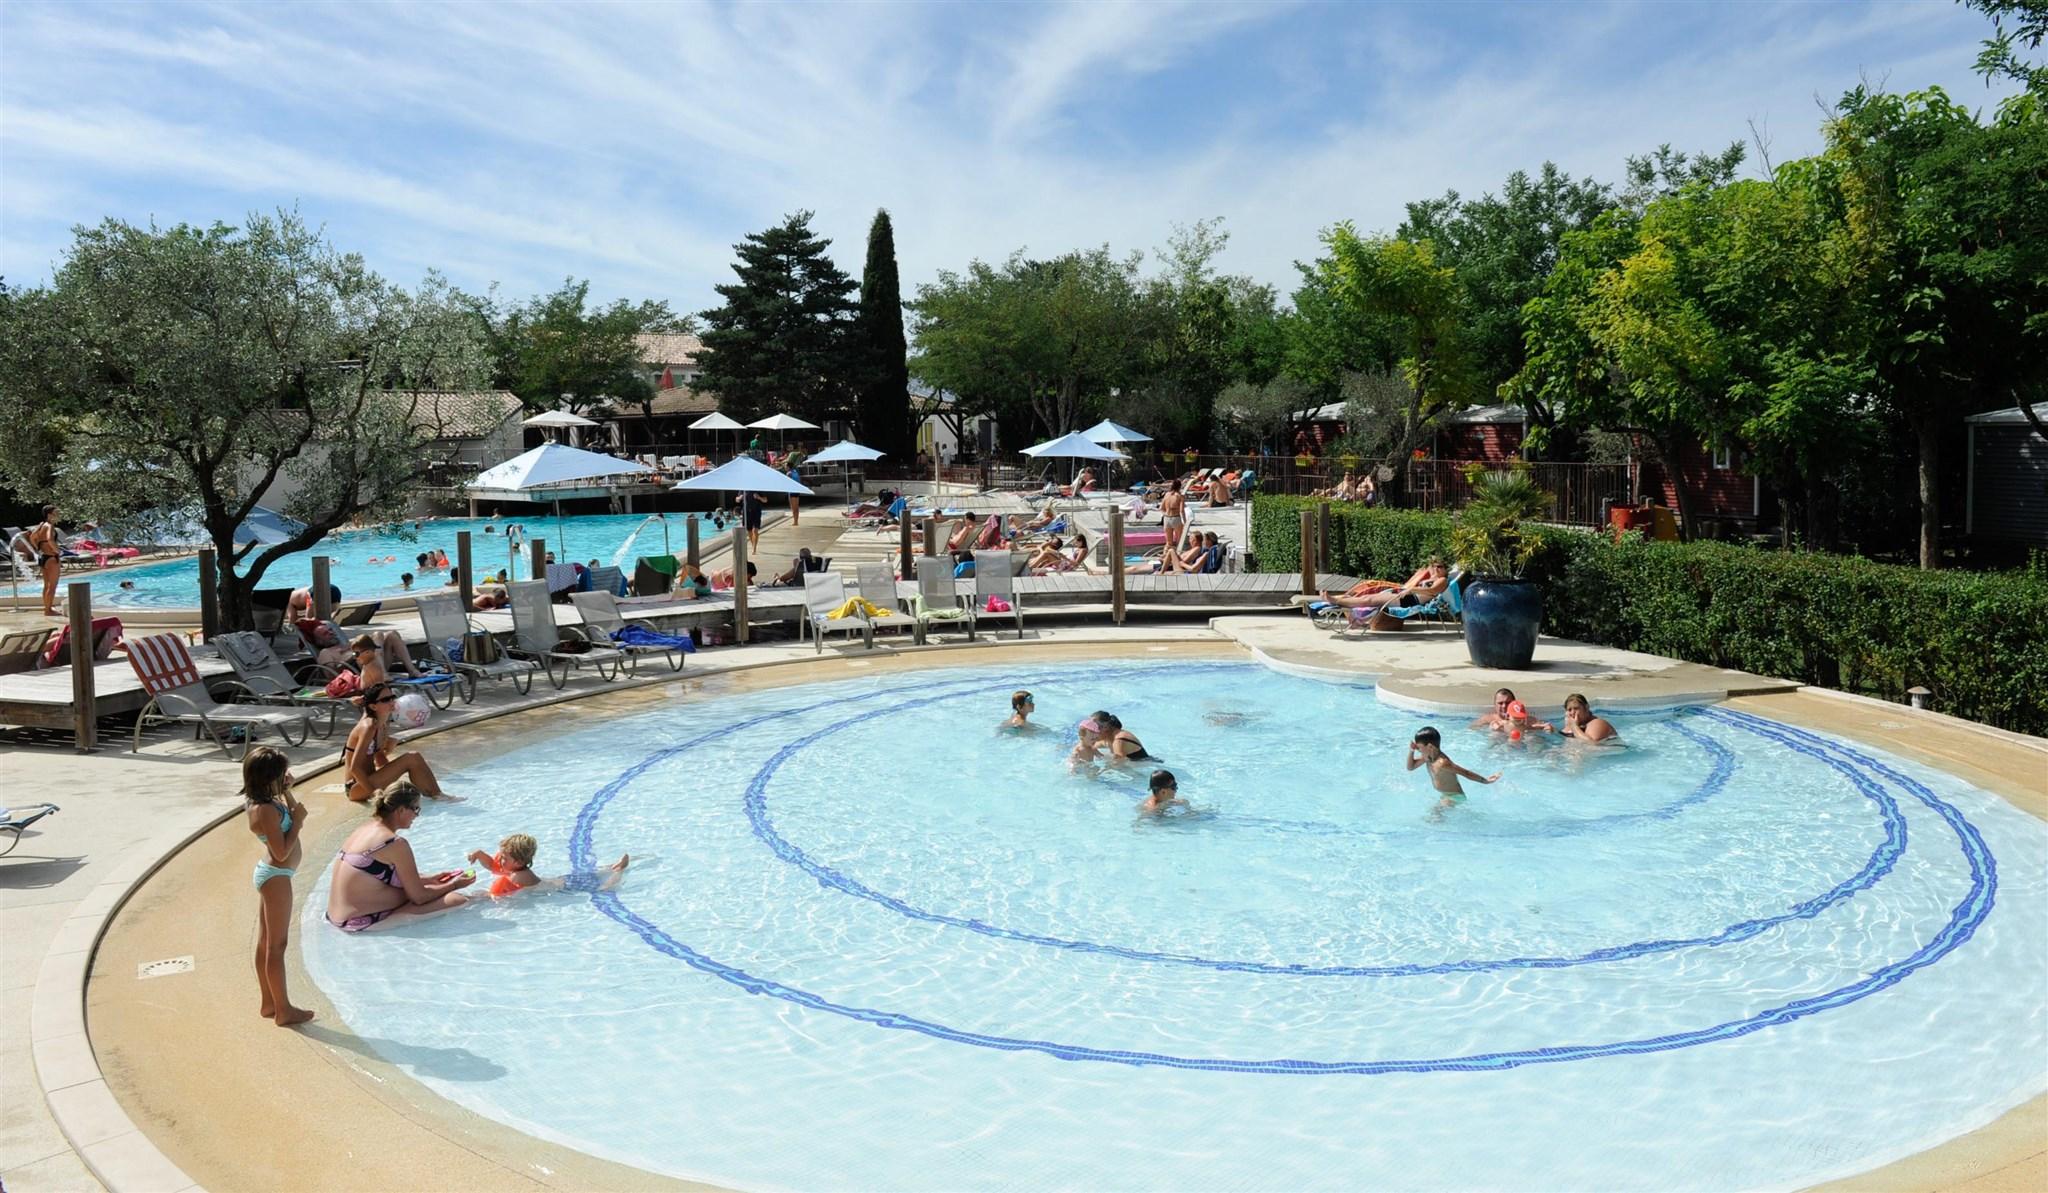 Camping ard che avec piscine yelloh village soleil vivarais for Camping a la ferme ardeche avec piscine